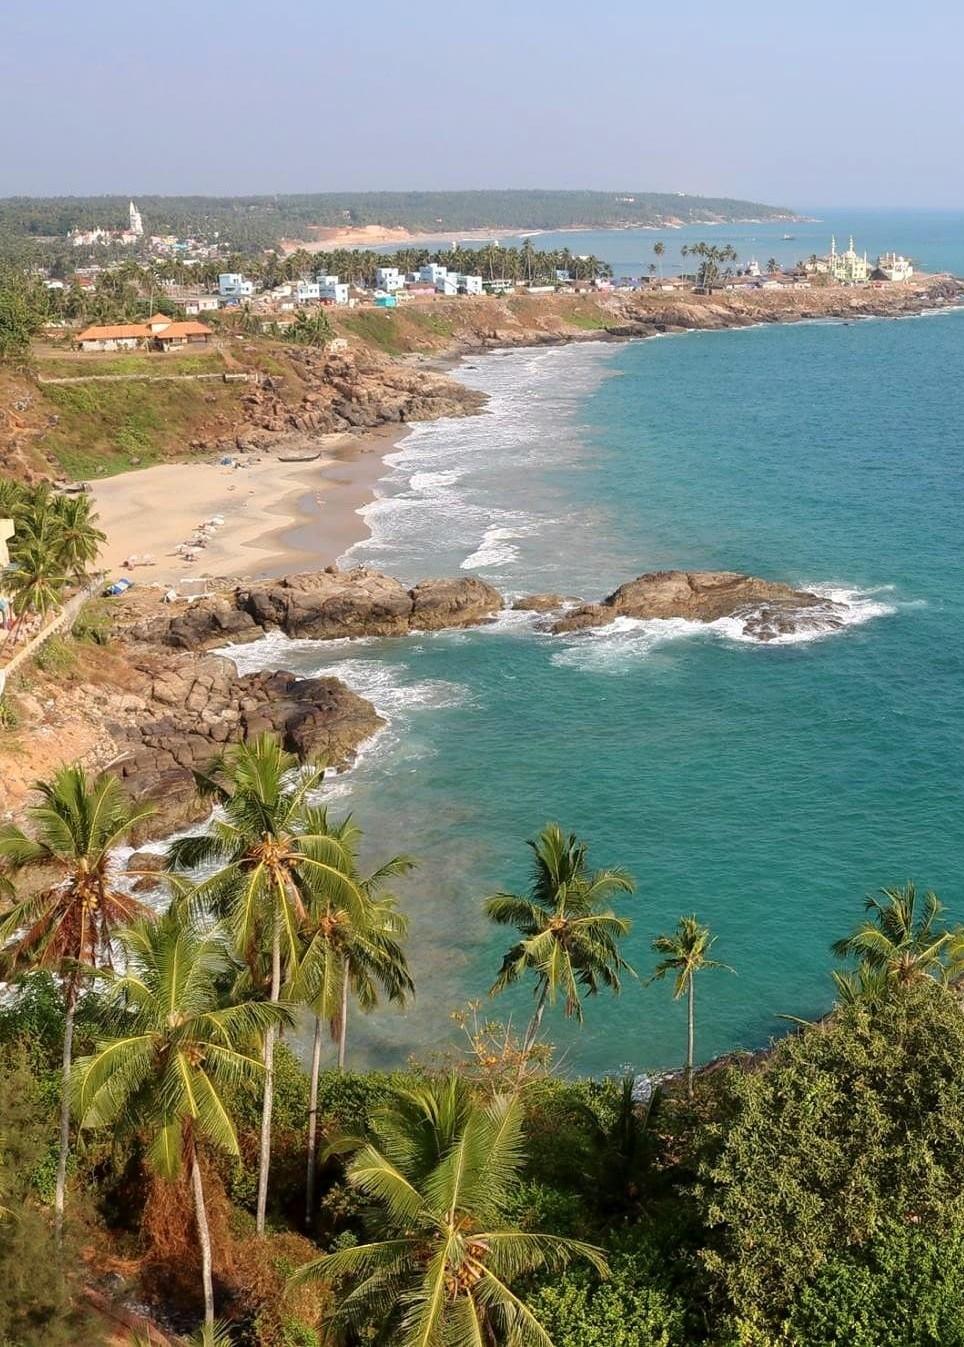 Kerala-Kovalam-Beach